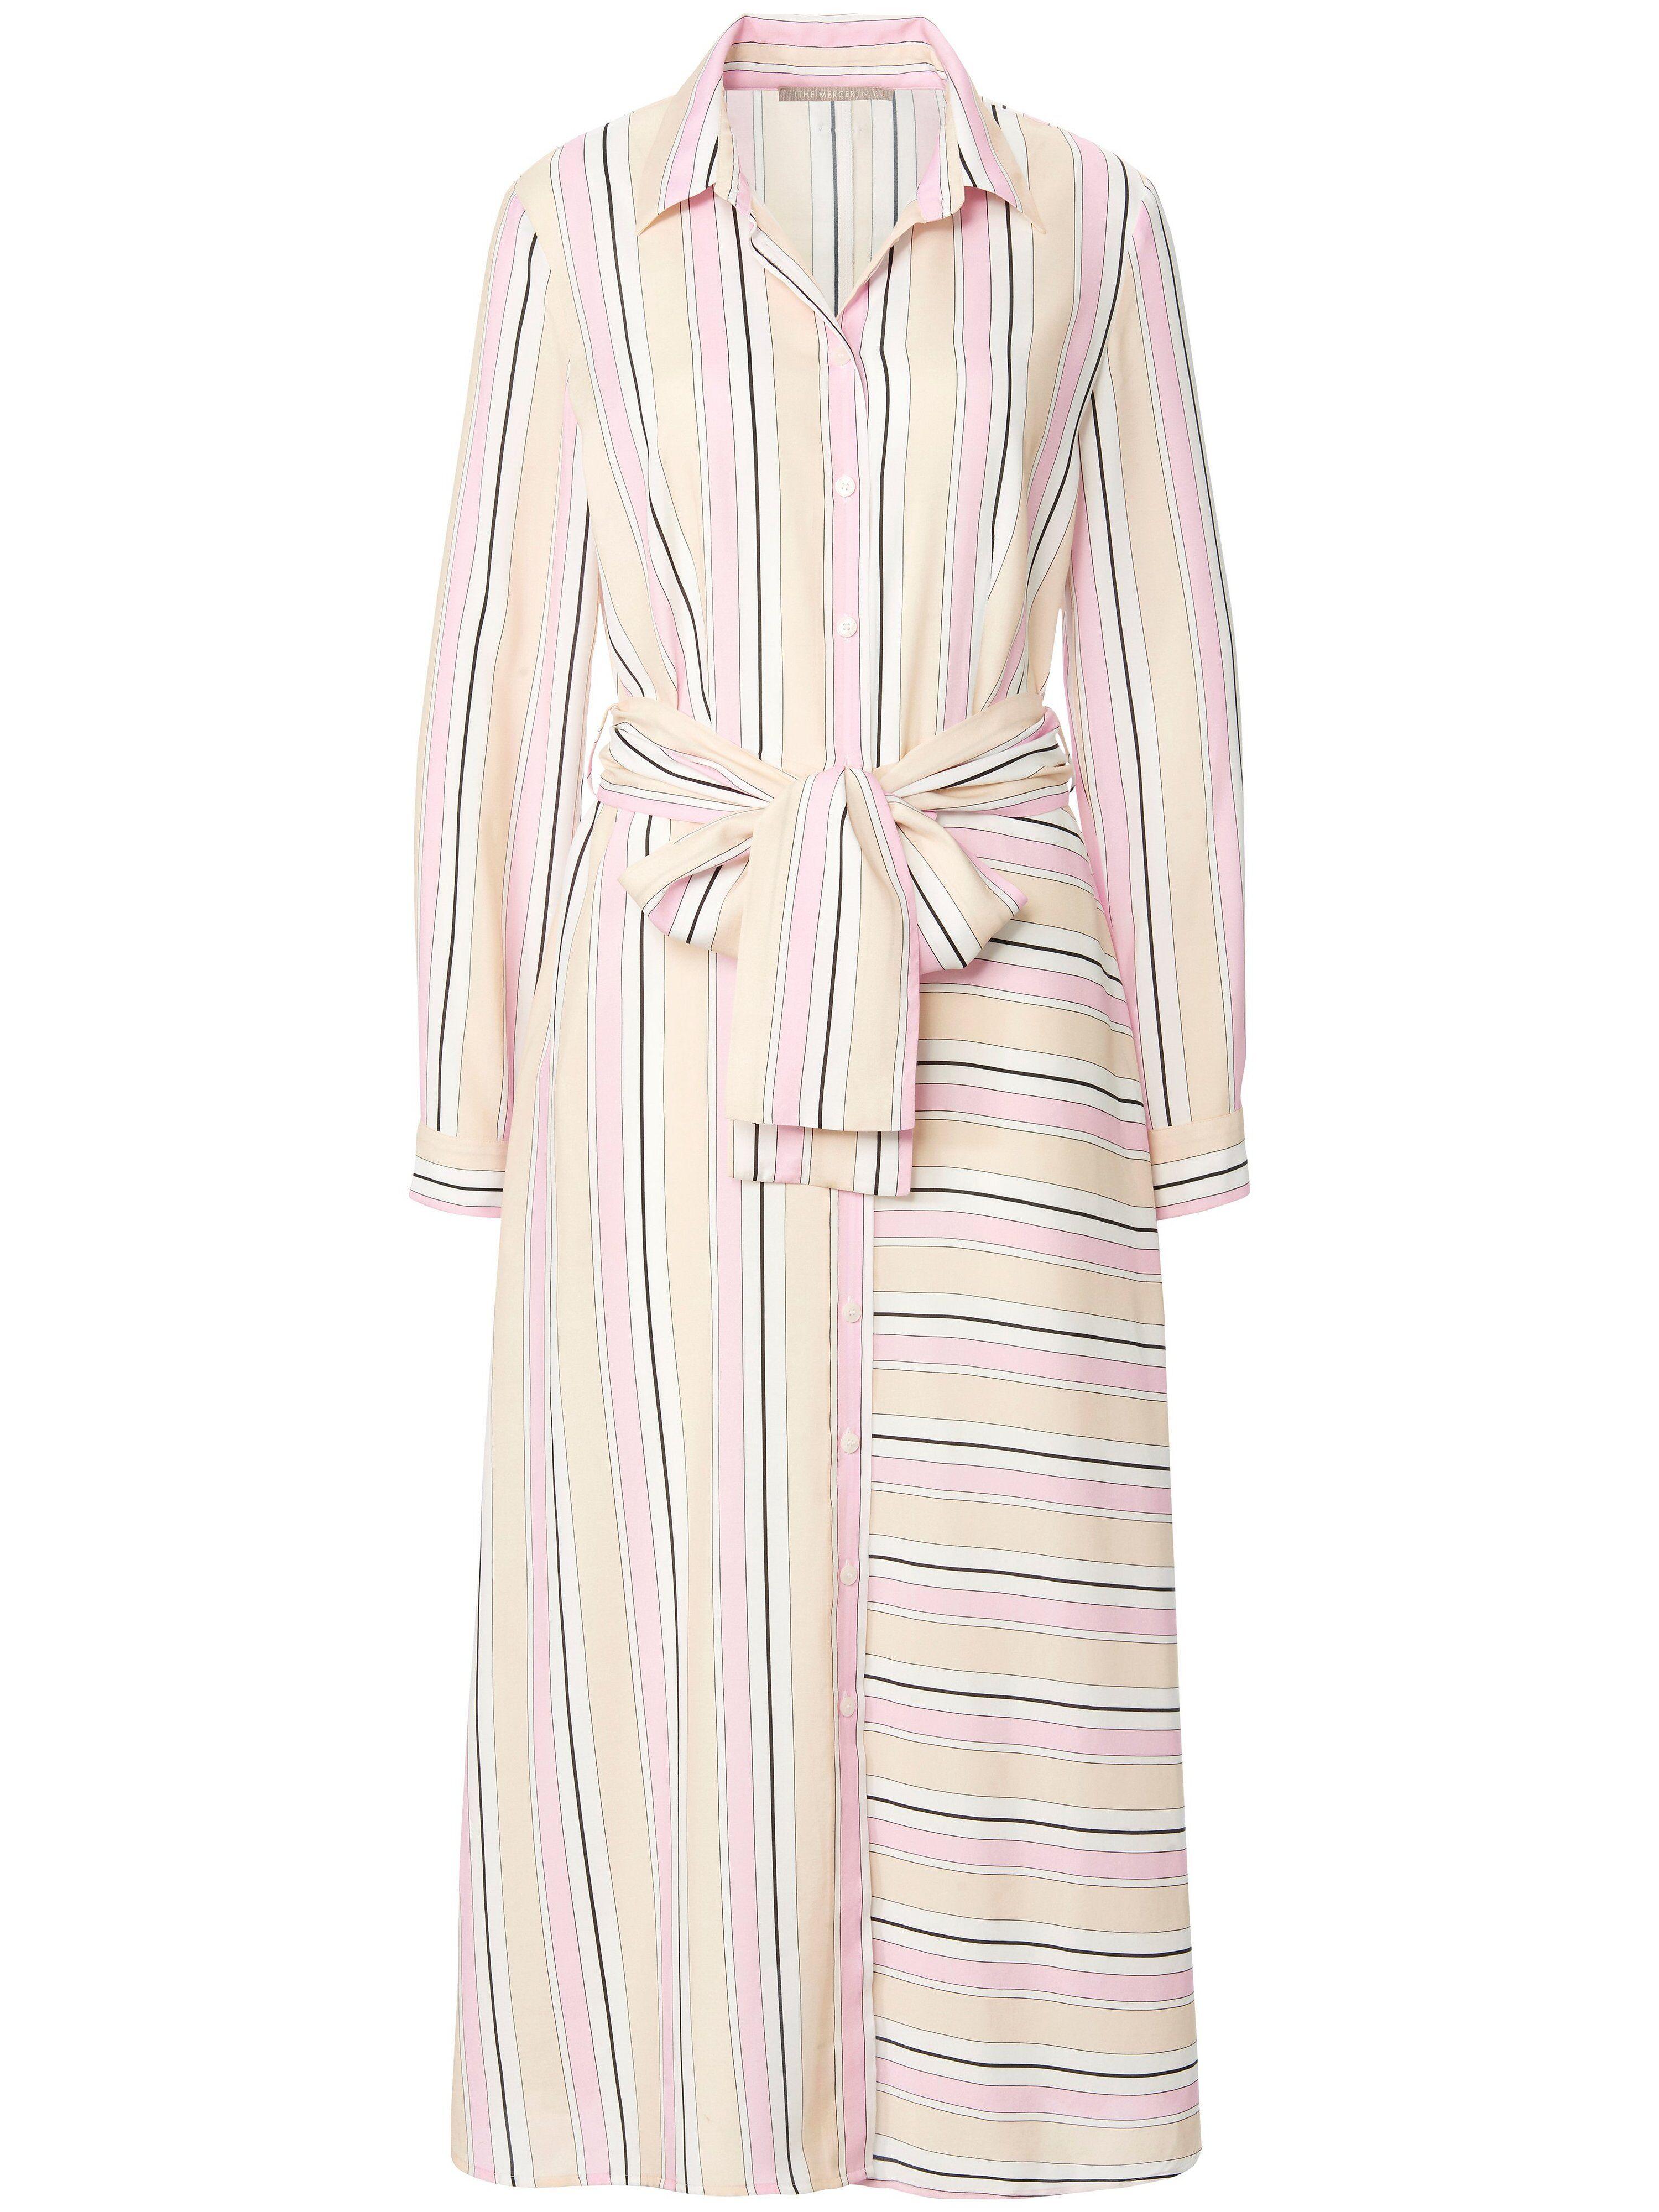 (THE MERCER) N.Y. La robe ligne chemisier  (THE MERCER) N.Y. rose  - Femme - 38